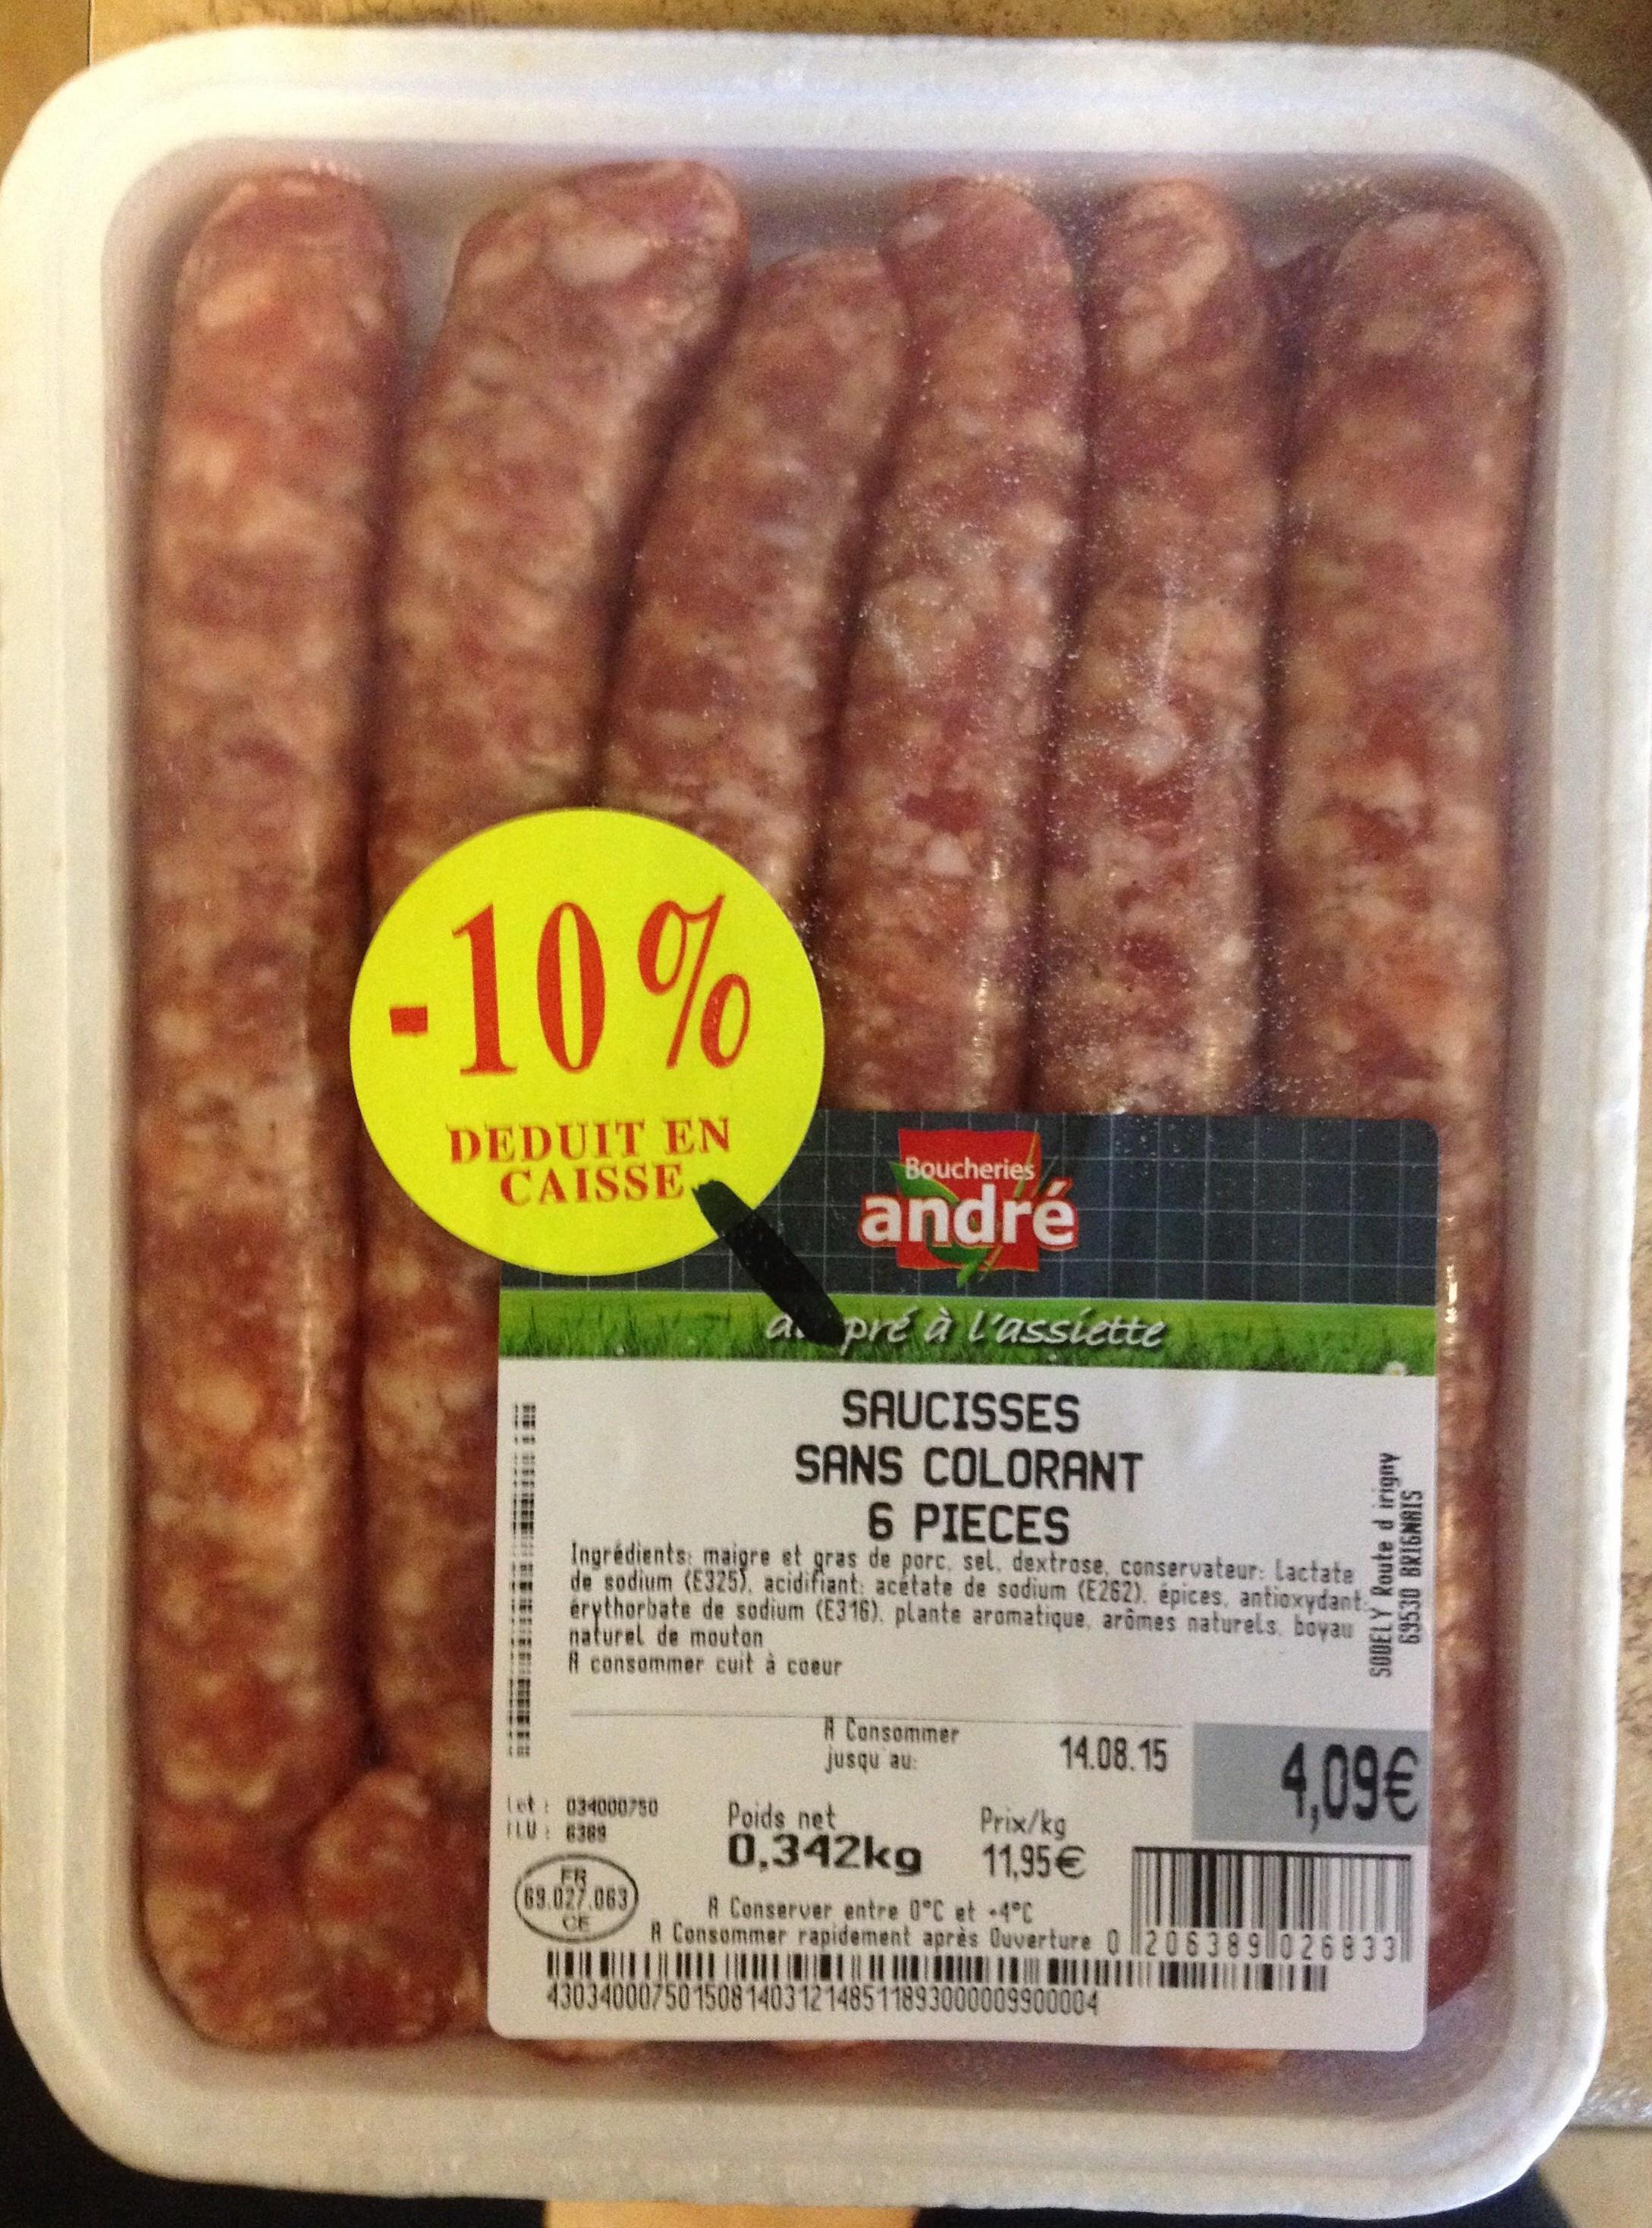 Saucisses sans colorant 6 pièces - Produit - fr